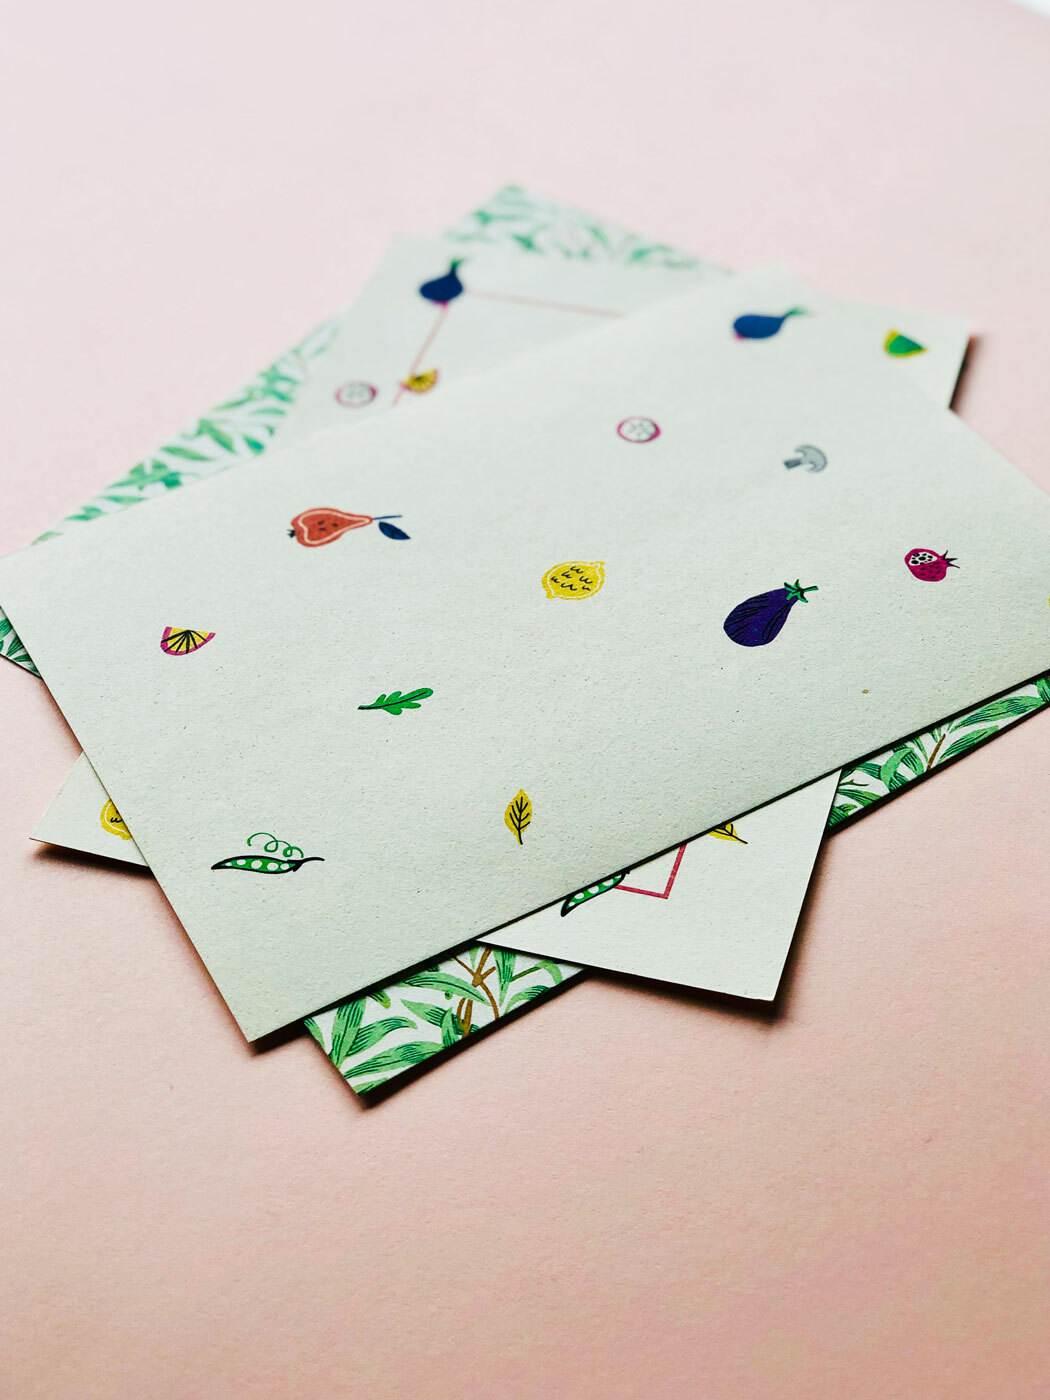 papier écologique crush agrumes print rse